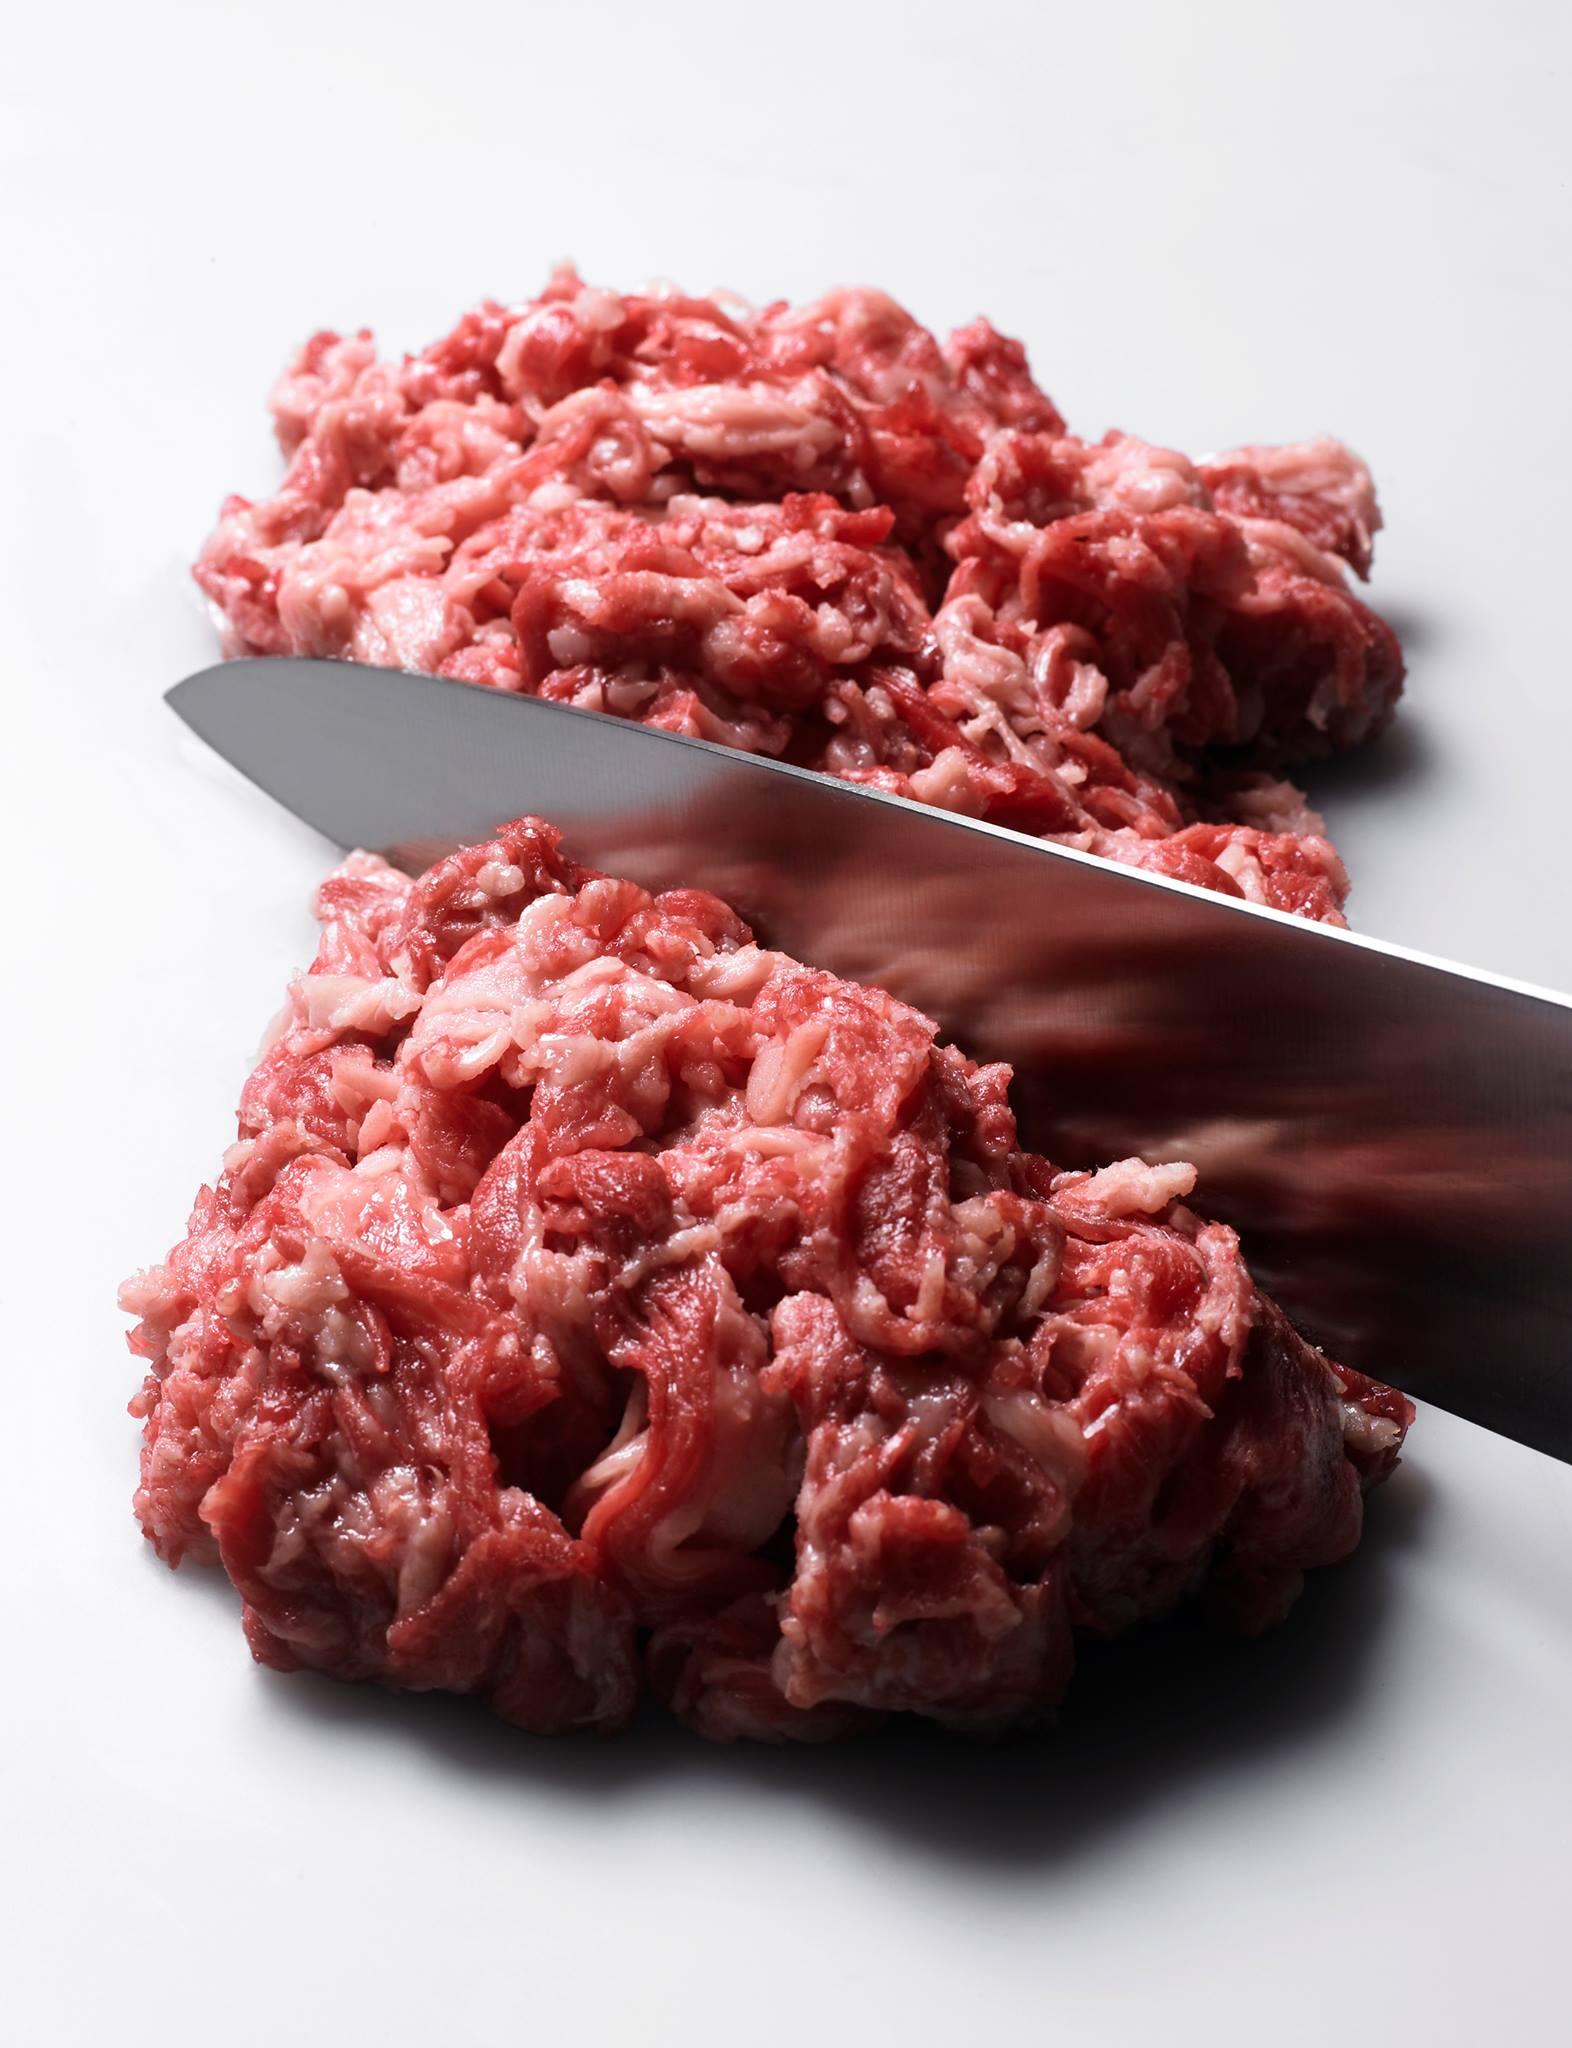 肉卸小島『黒毛和牛チョップカツ』